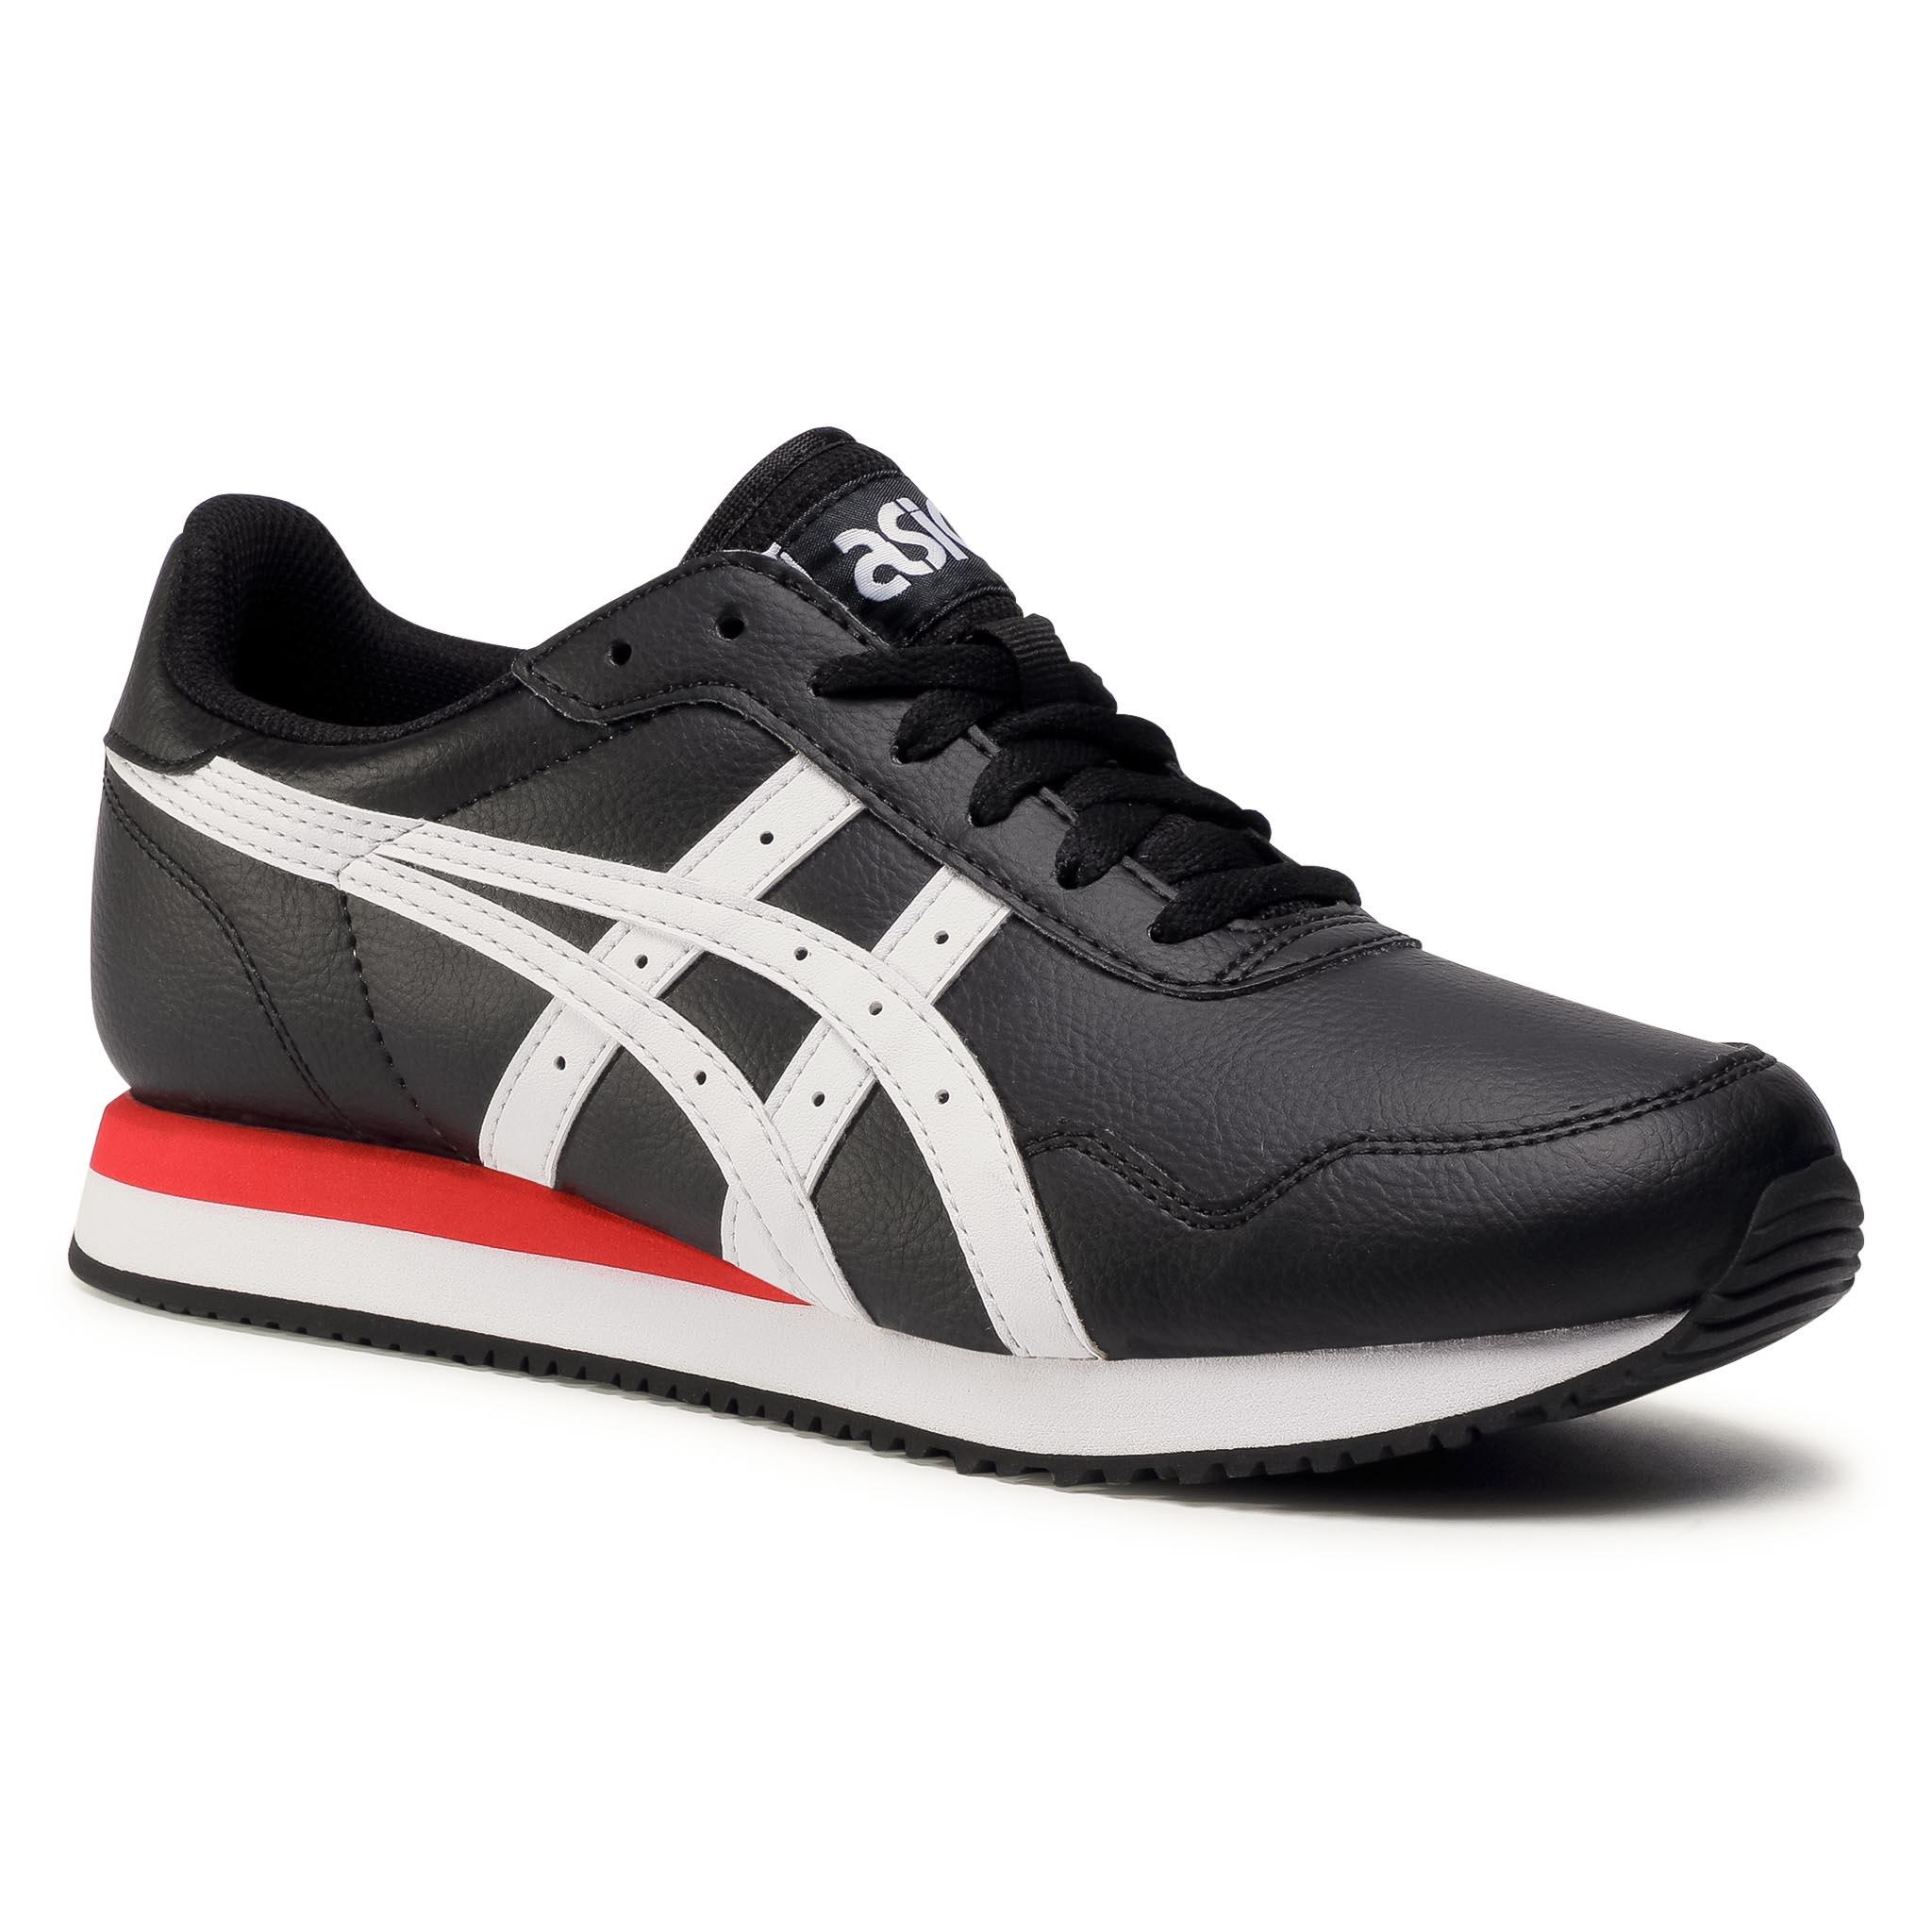 Sneakers_ASICS_Tiger_Runner_1191A301_BlackWhite_Escarpeit